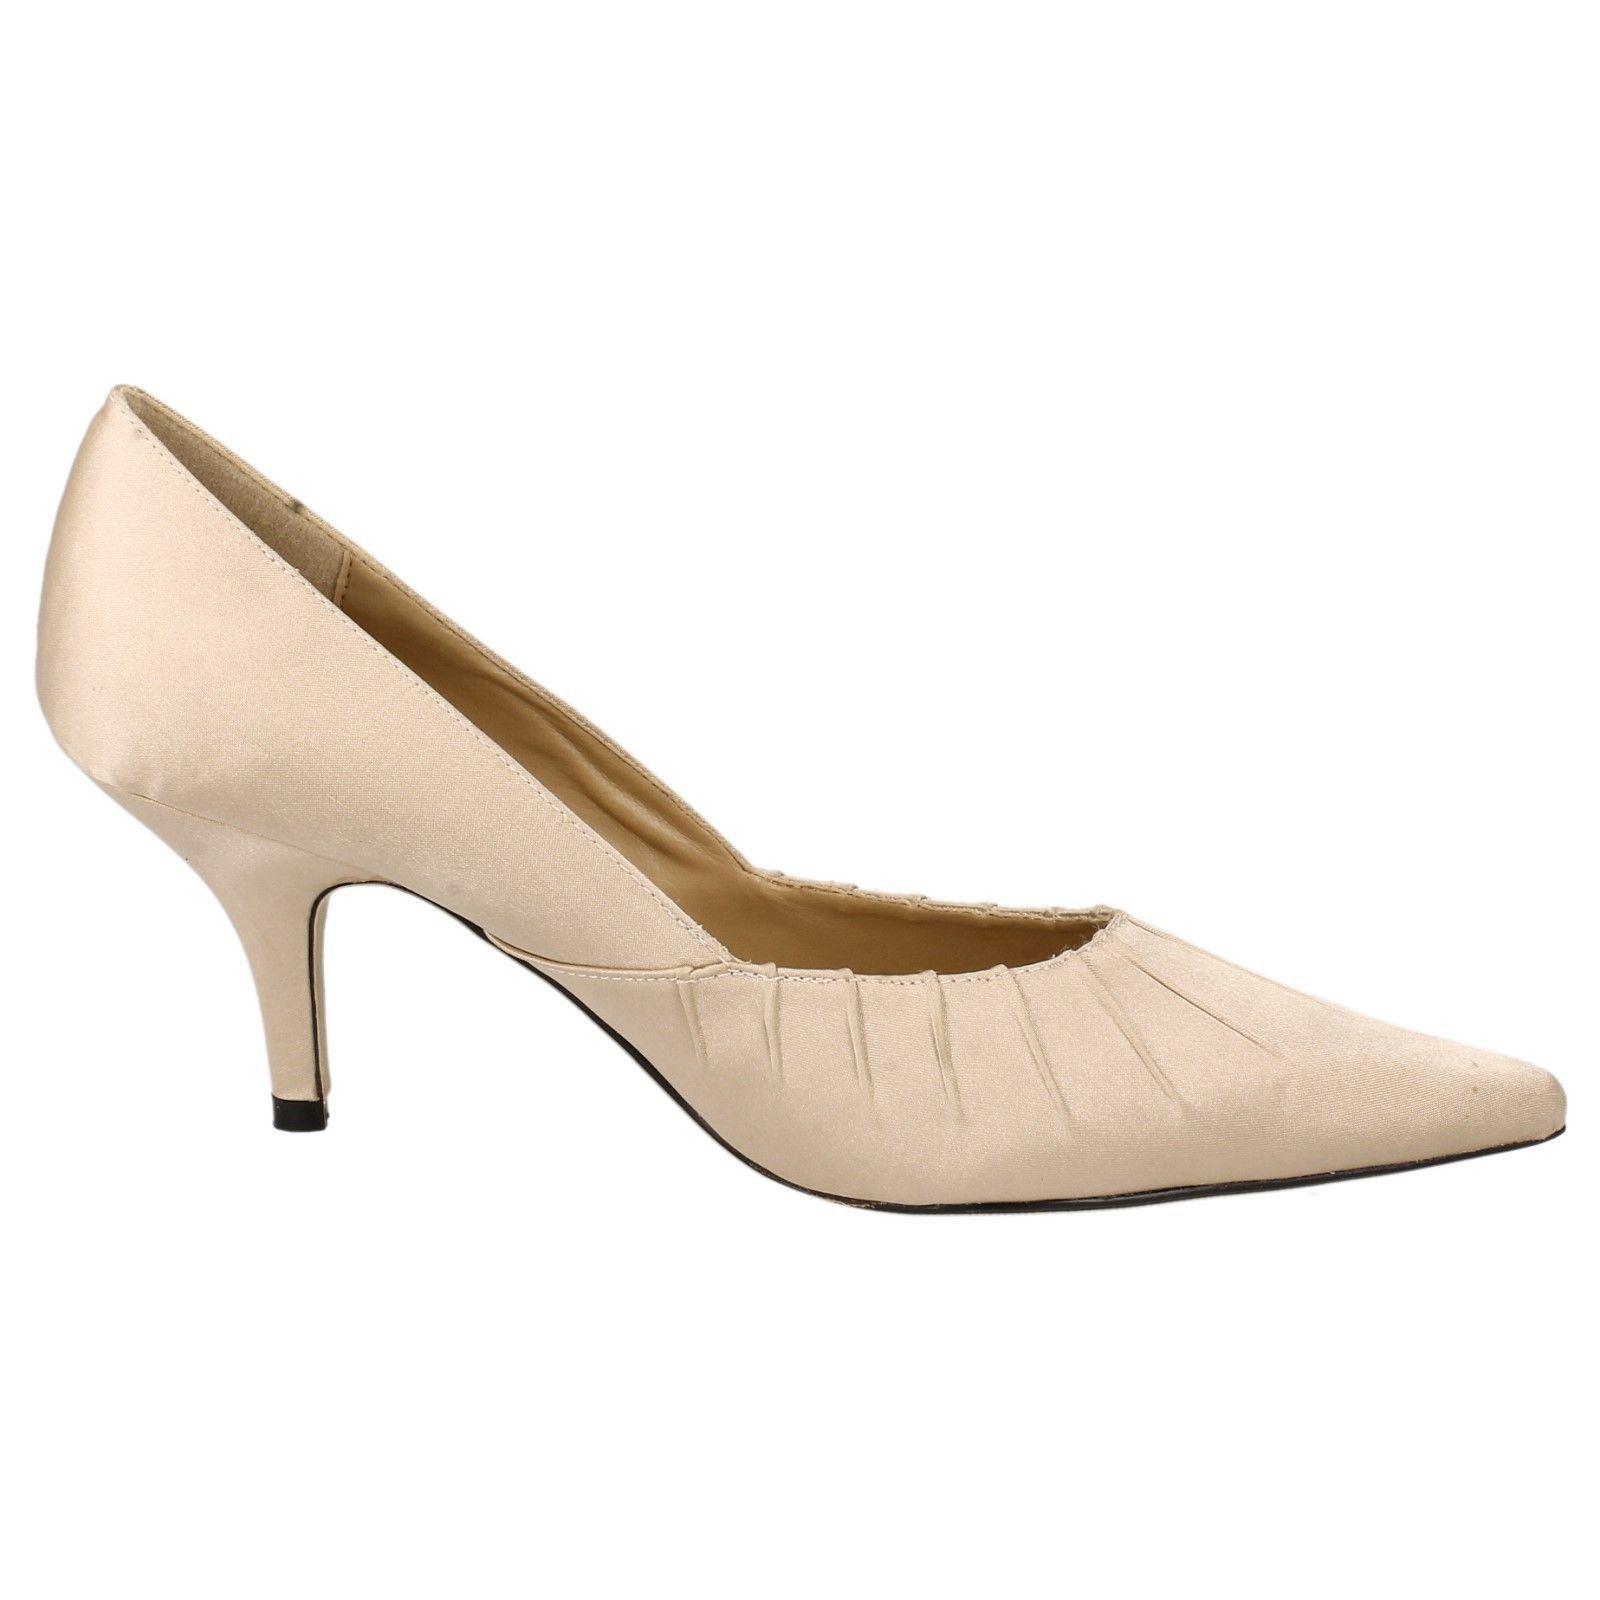 Zapatos señoras de punto en señaló estilo F6004 ~ N